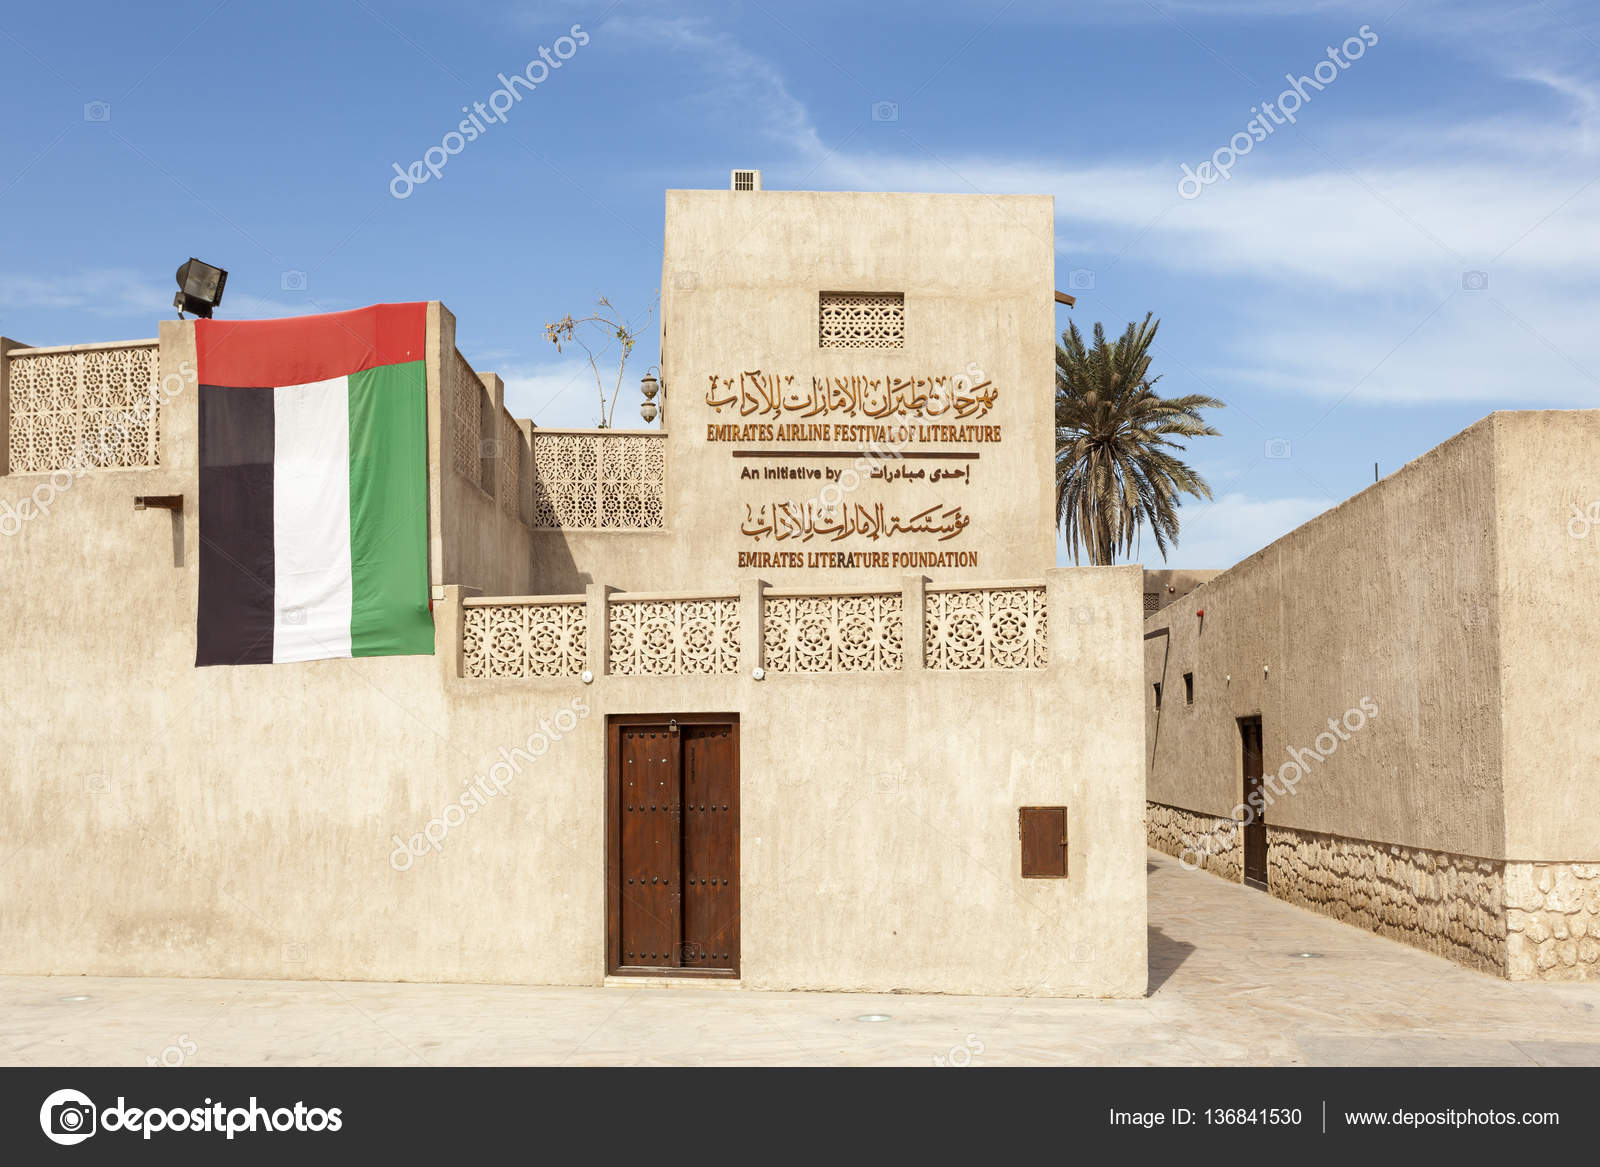 Dubaï émirats arabes unis 28 novembre 2016 emirates littérature foundation building à lheritage village à dubaï united arab emirates image de